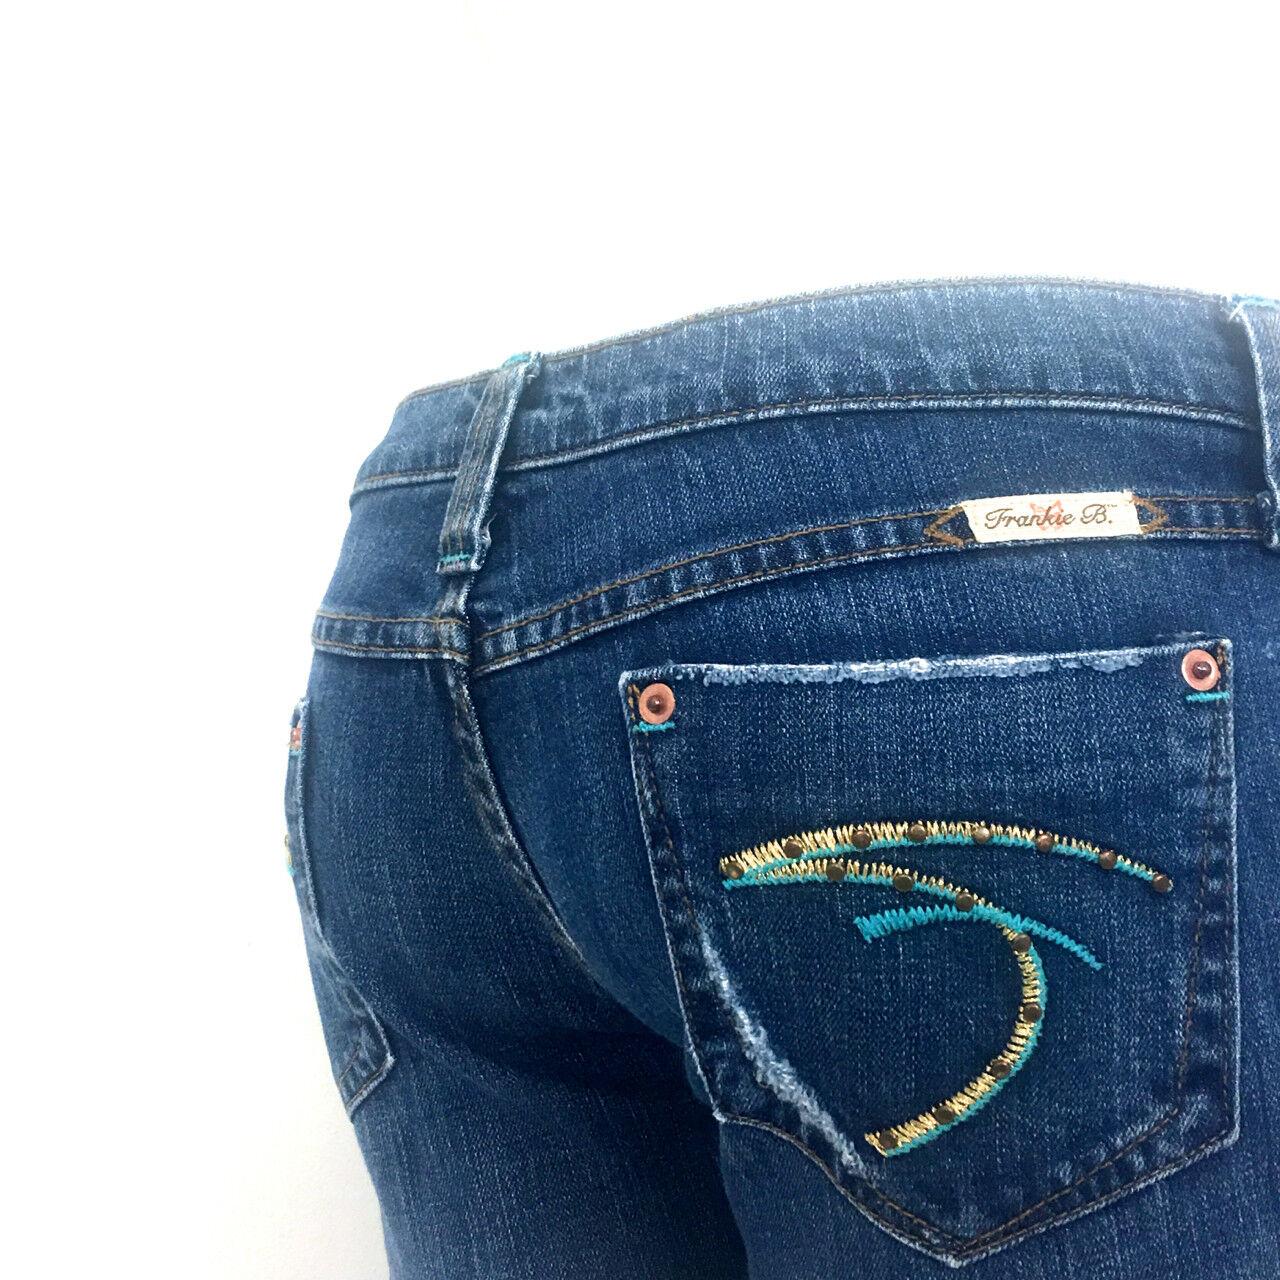 Frankie B Jeans Studded F Stitch Pk Sz 6 8x34 Ultra Low Stretch Slim Super Flare